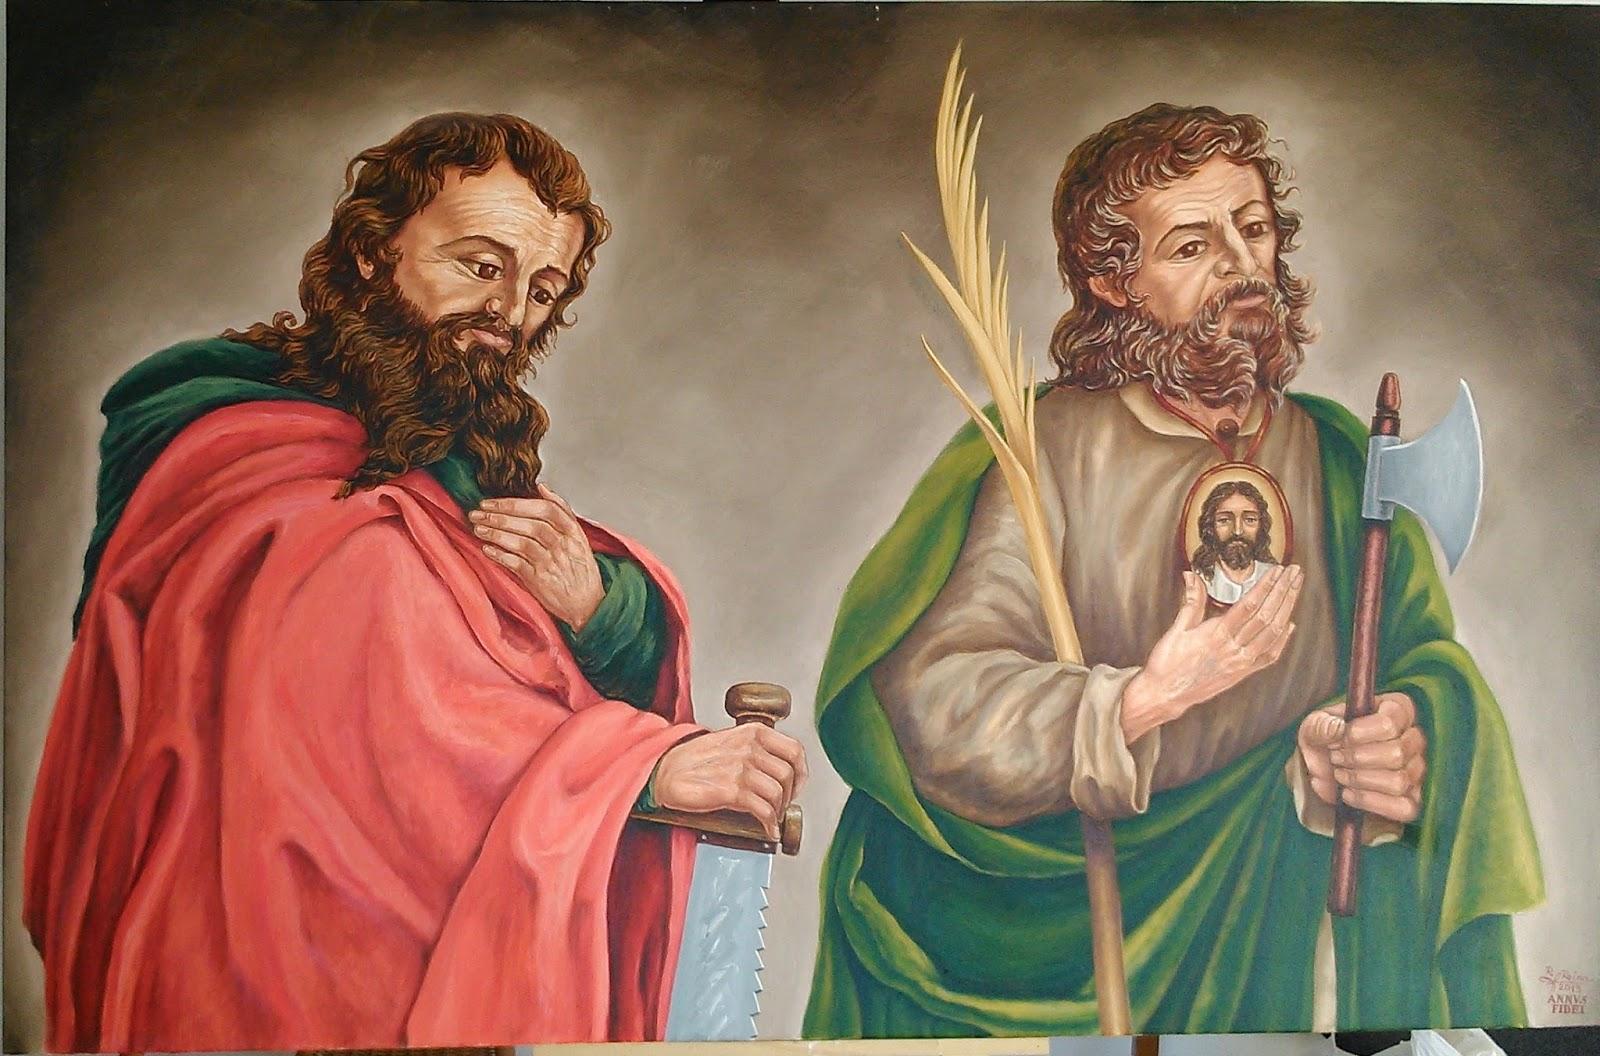 Imagenes De San Judas Tadeo Para Colorear >> ® Santoral Católico ®: IMÁGENES DE SAN SIMÓN Y SAN JUDAS TADEO